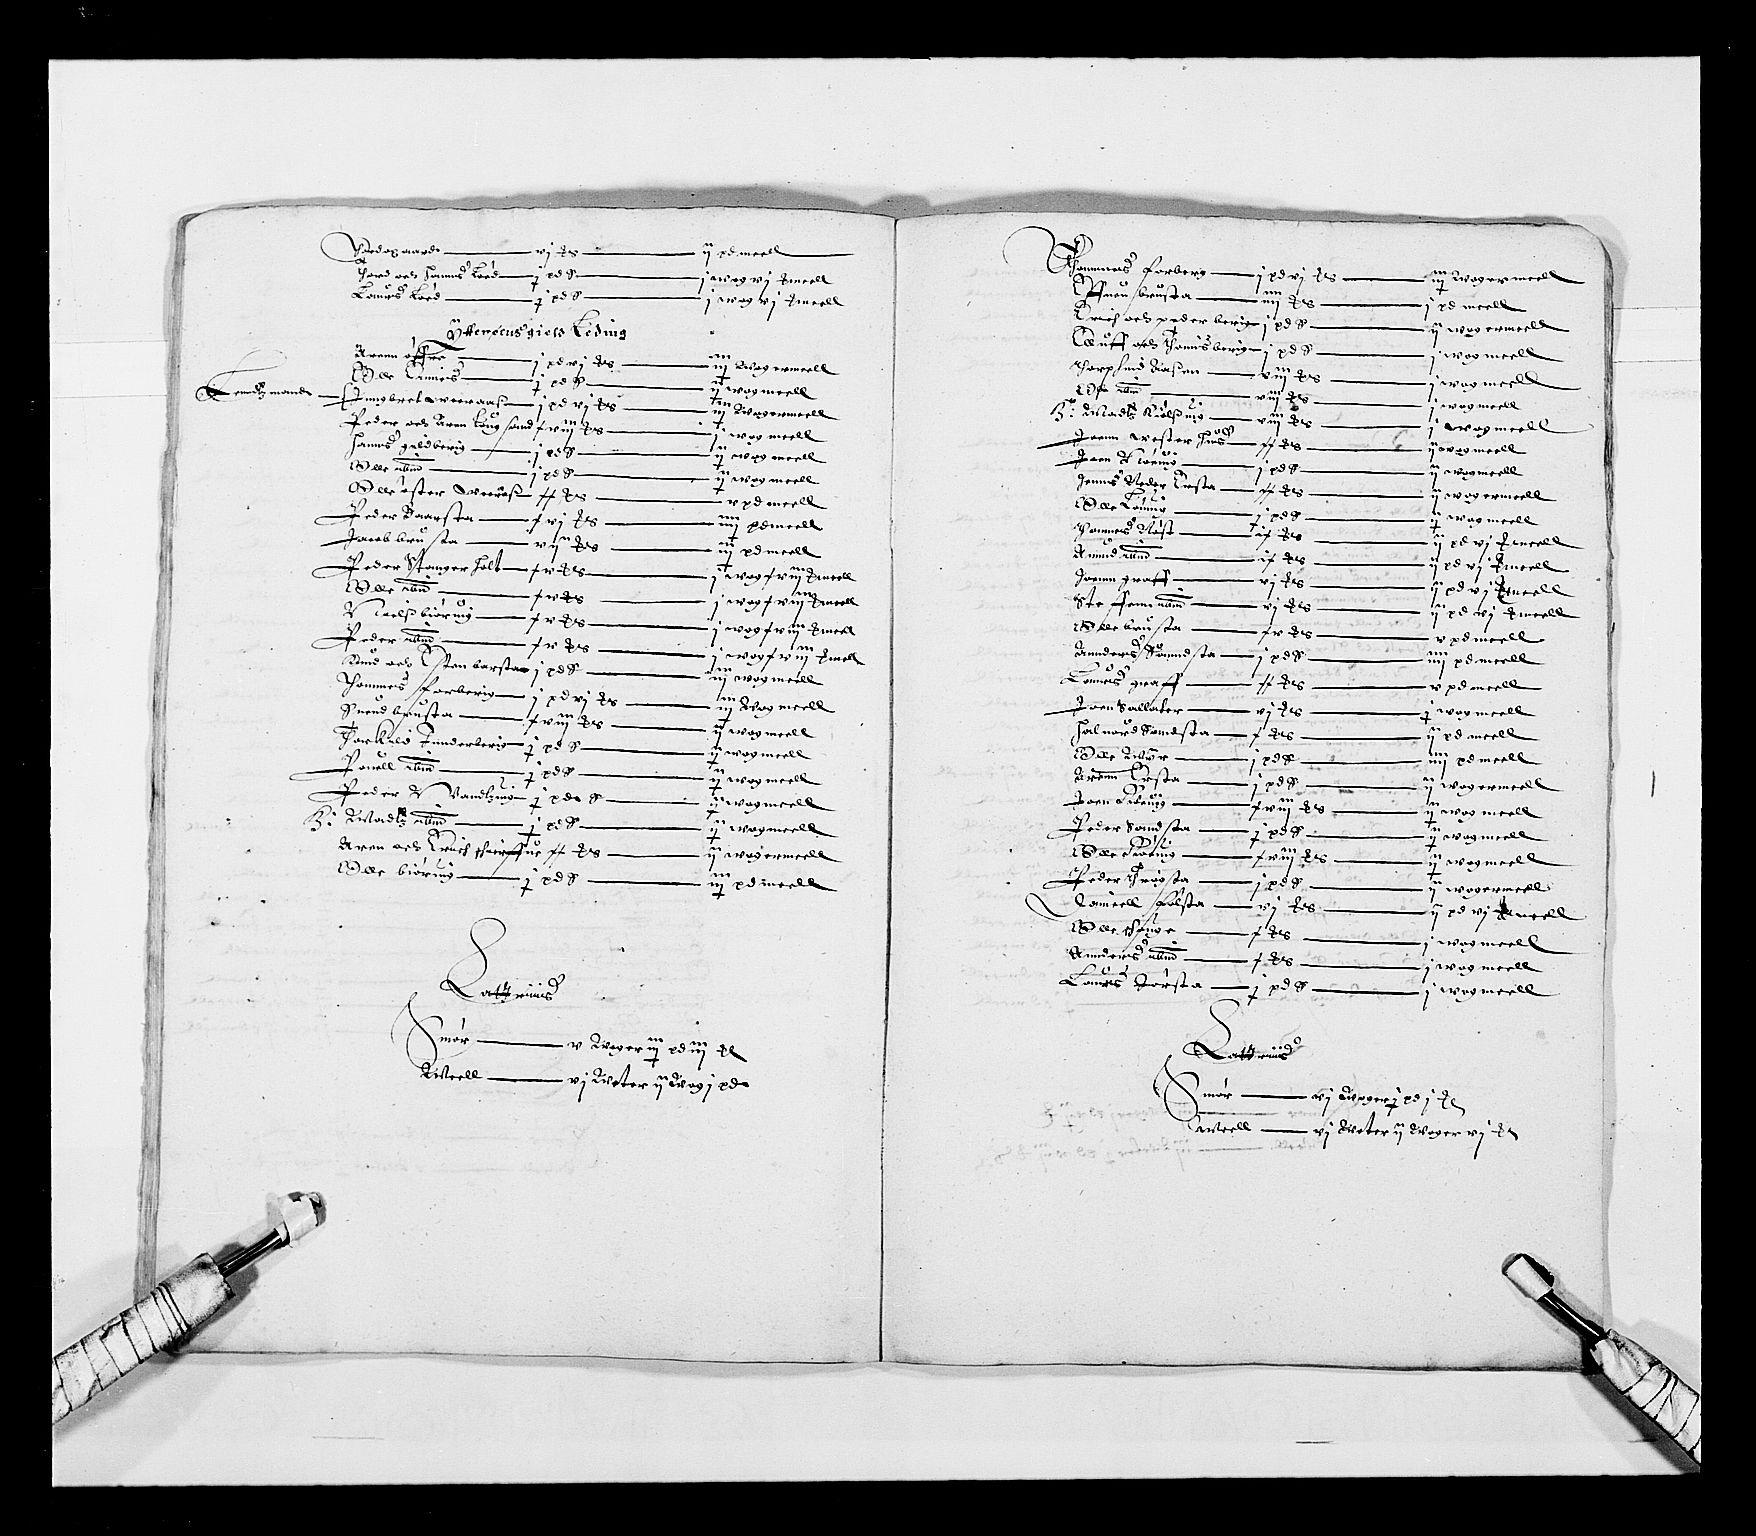 RA, Stattholderembetet 1572-1771, Ek/L0028: Jordebøker 1633-1658:, 1645-1646, s. 118